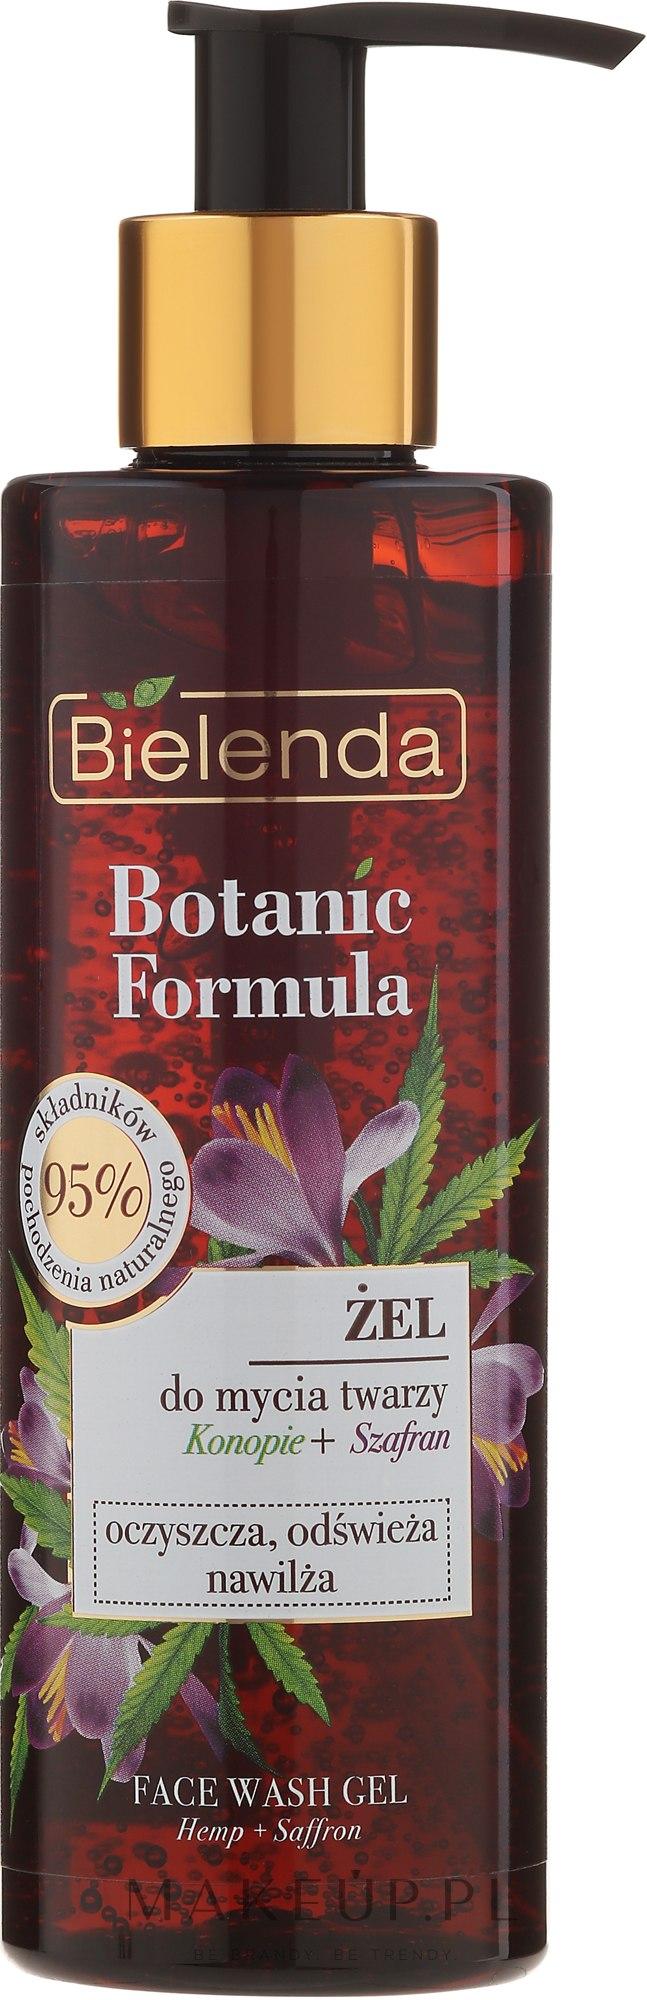 Nawilżający żel do mycia twarzy Konopie + szafran - Bielenda Botanic Formula — фото 200 ml